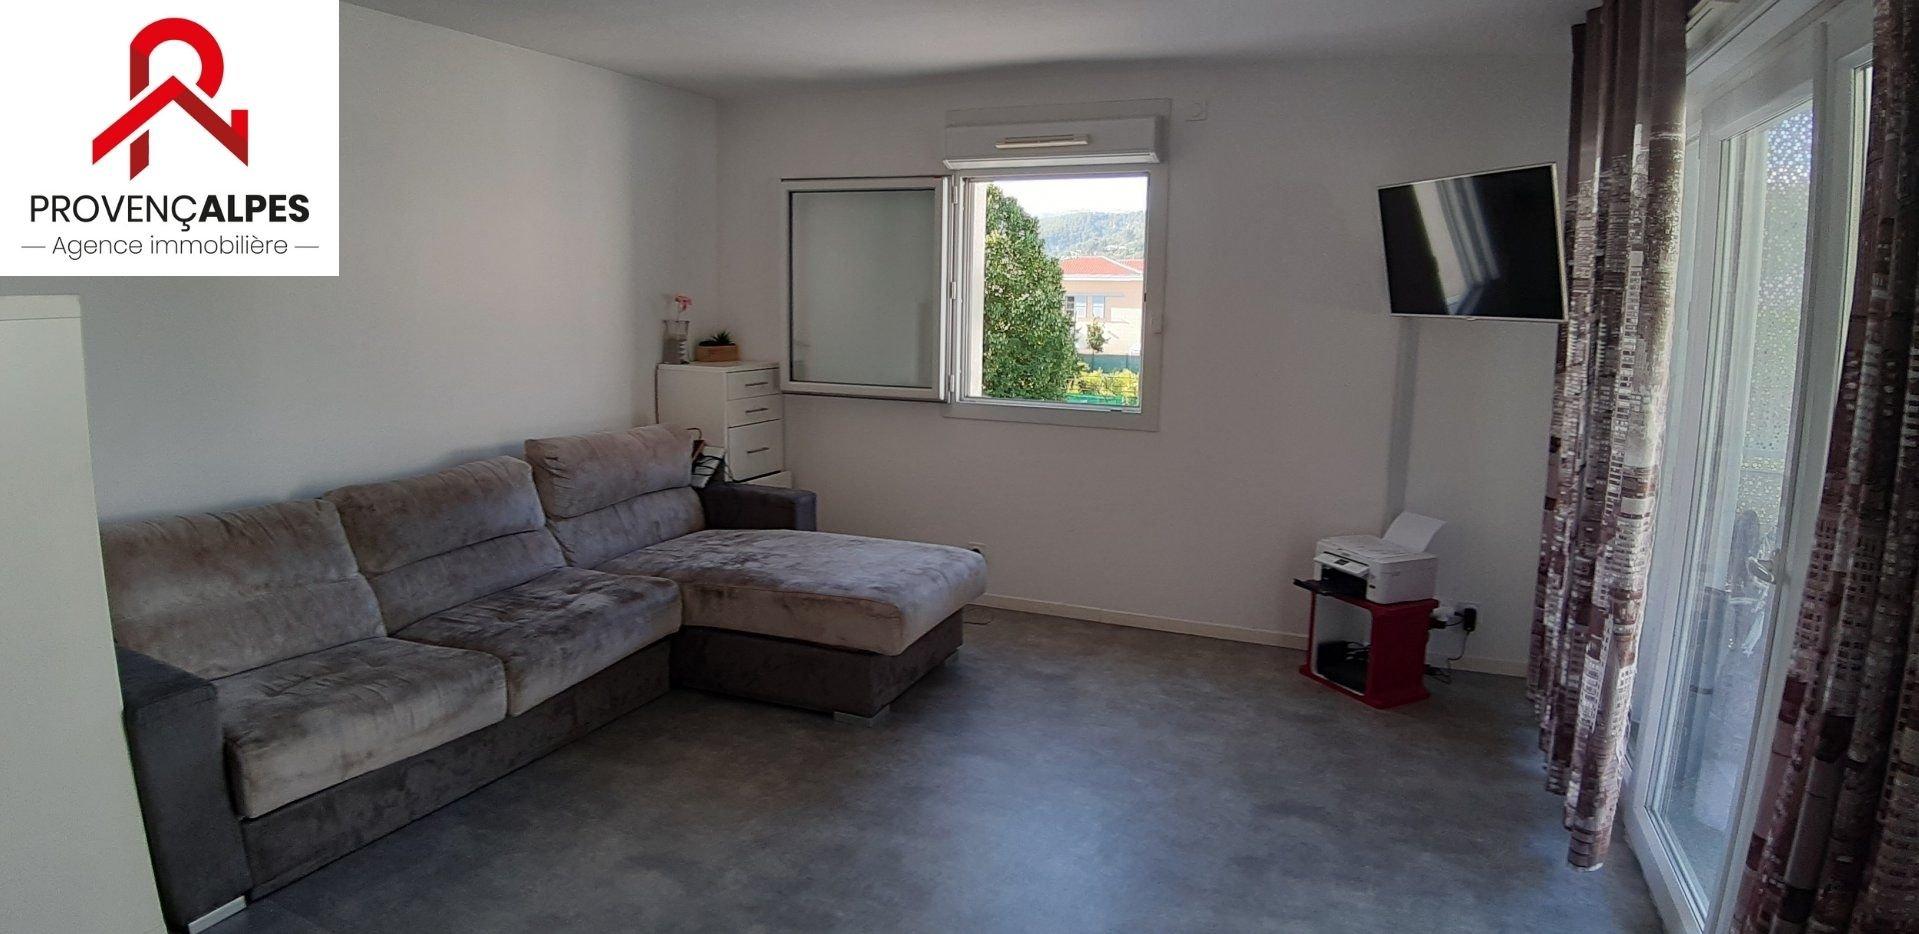 Appartement 3 pièces dans résidence privée